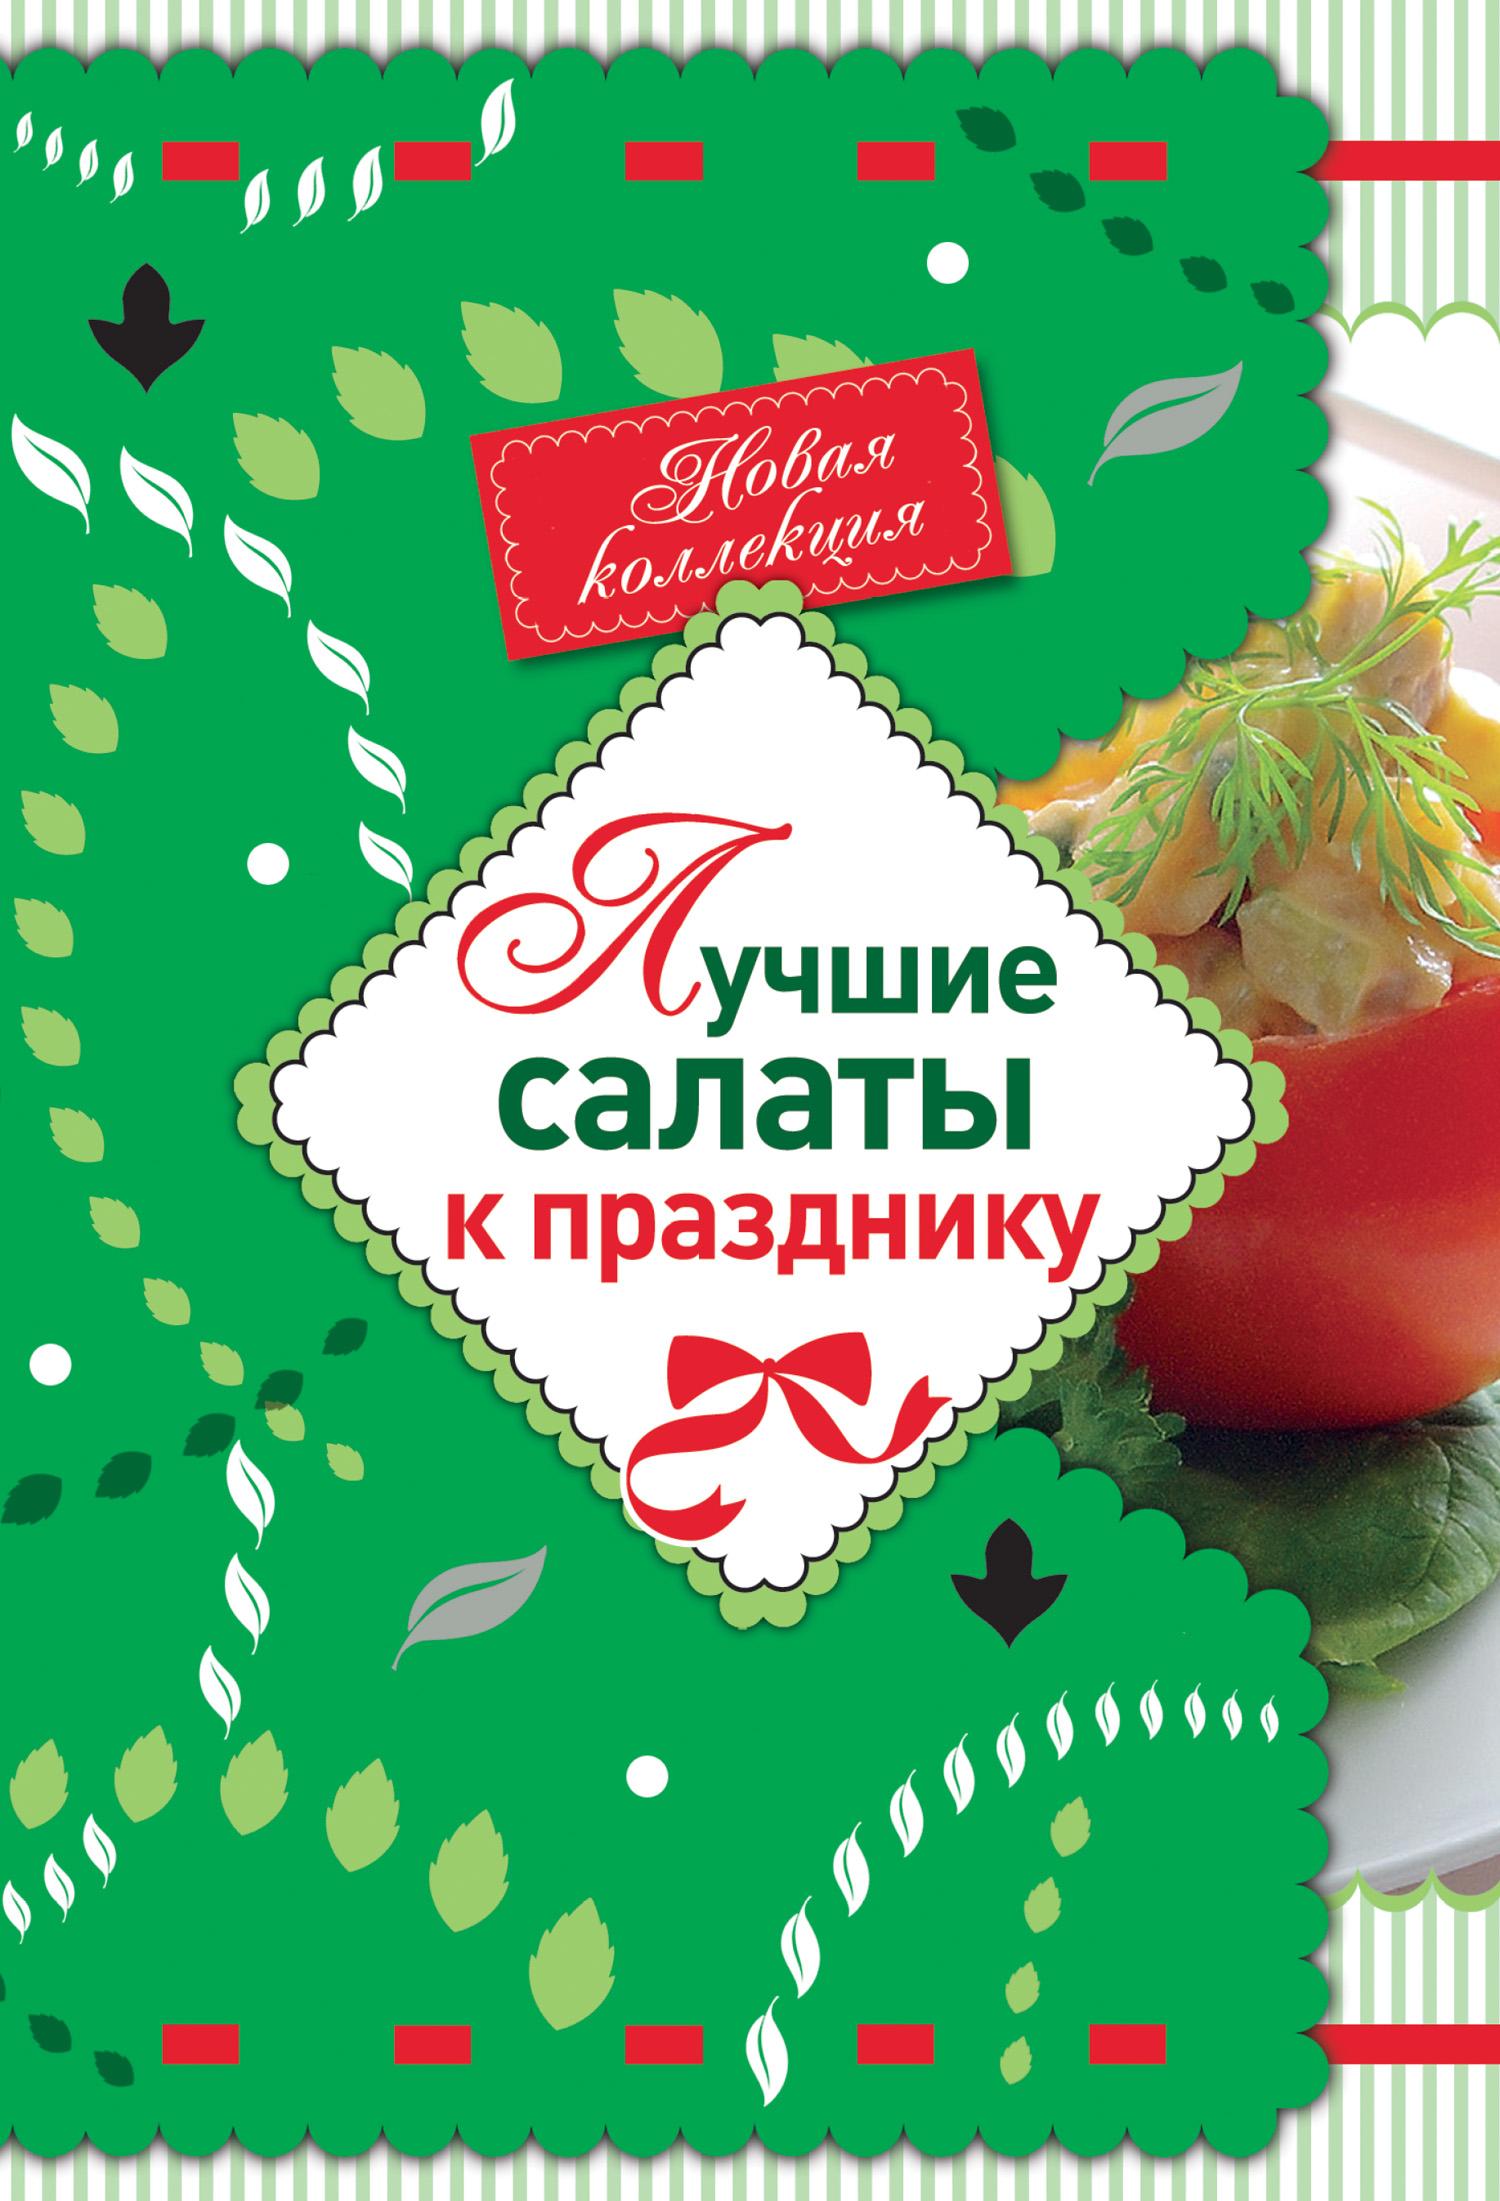 Отсутствует Лучшие салаты к празднику часы guess 2014